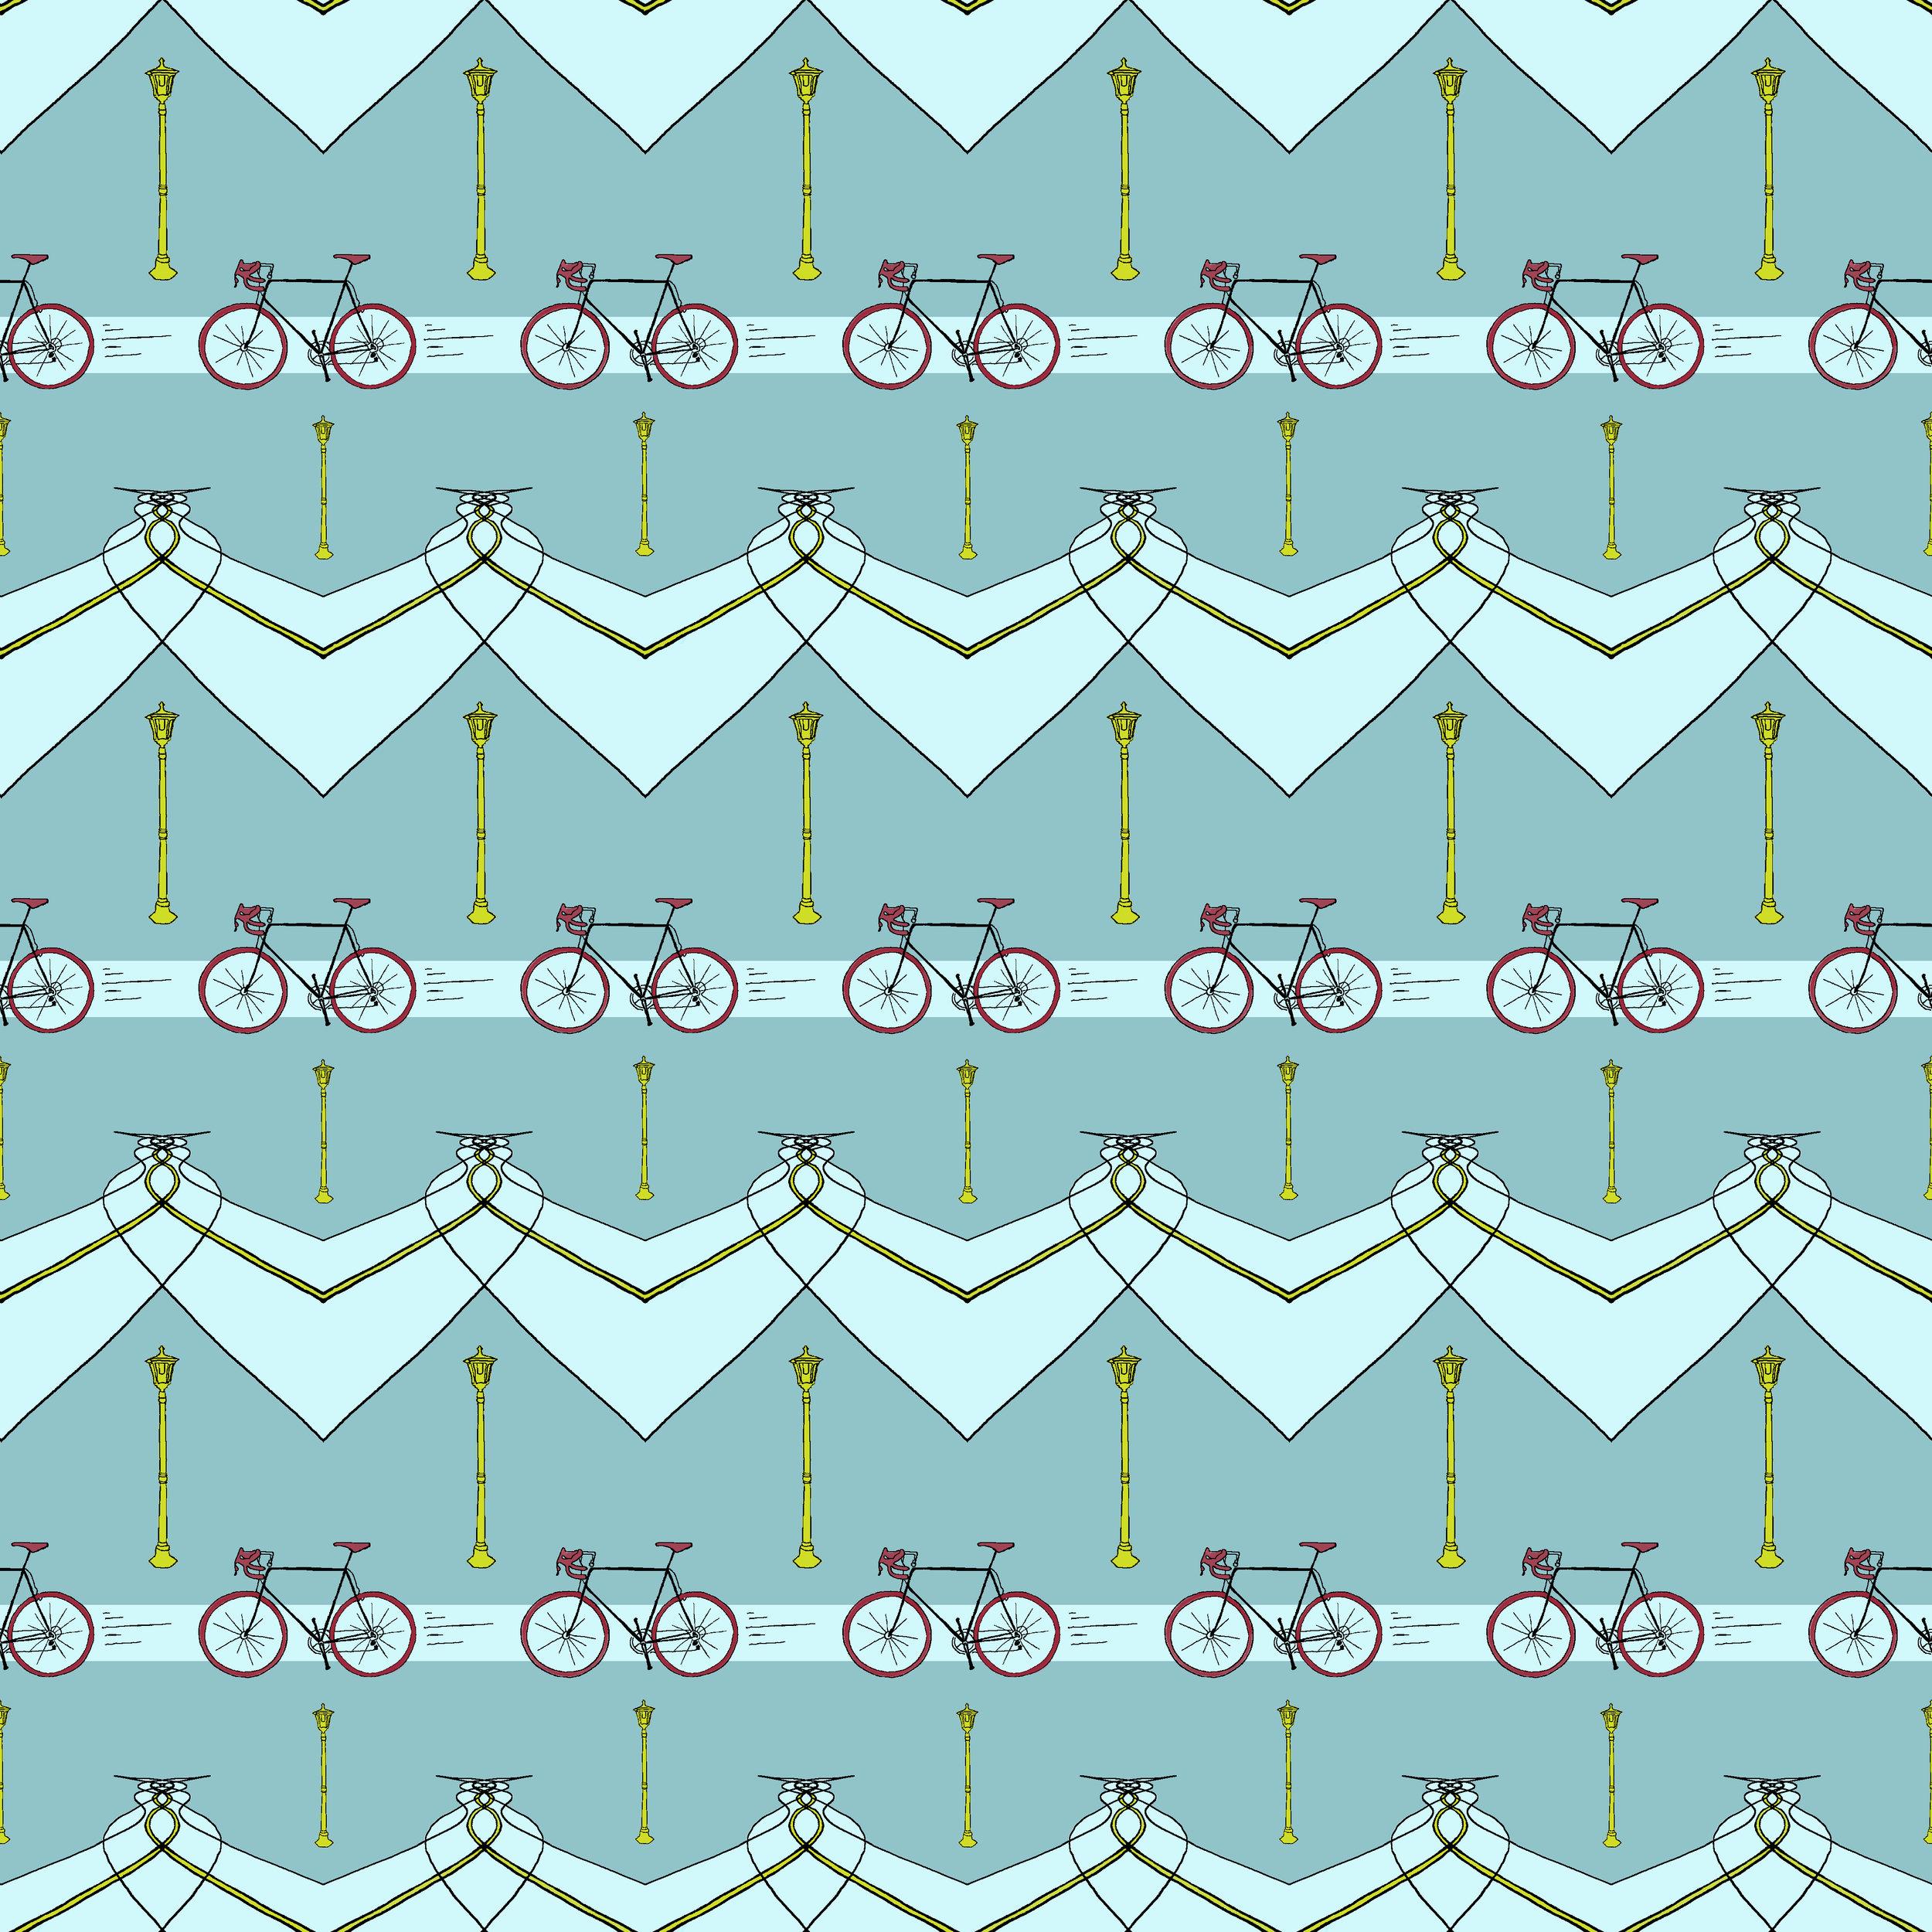 bike color repeat.jpg